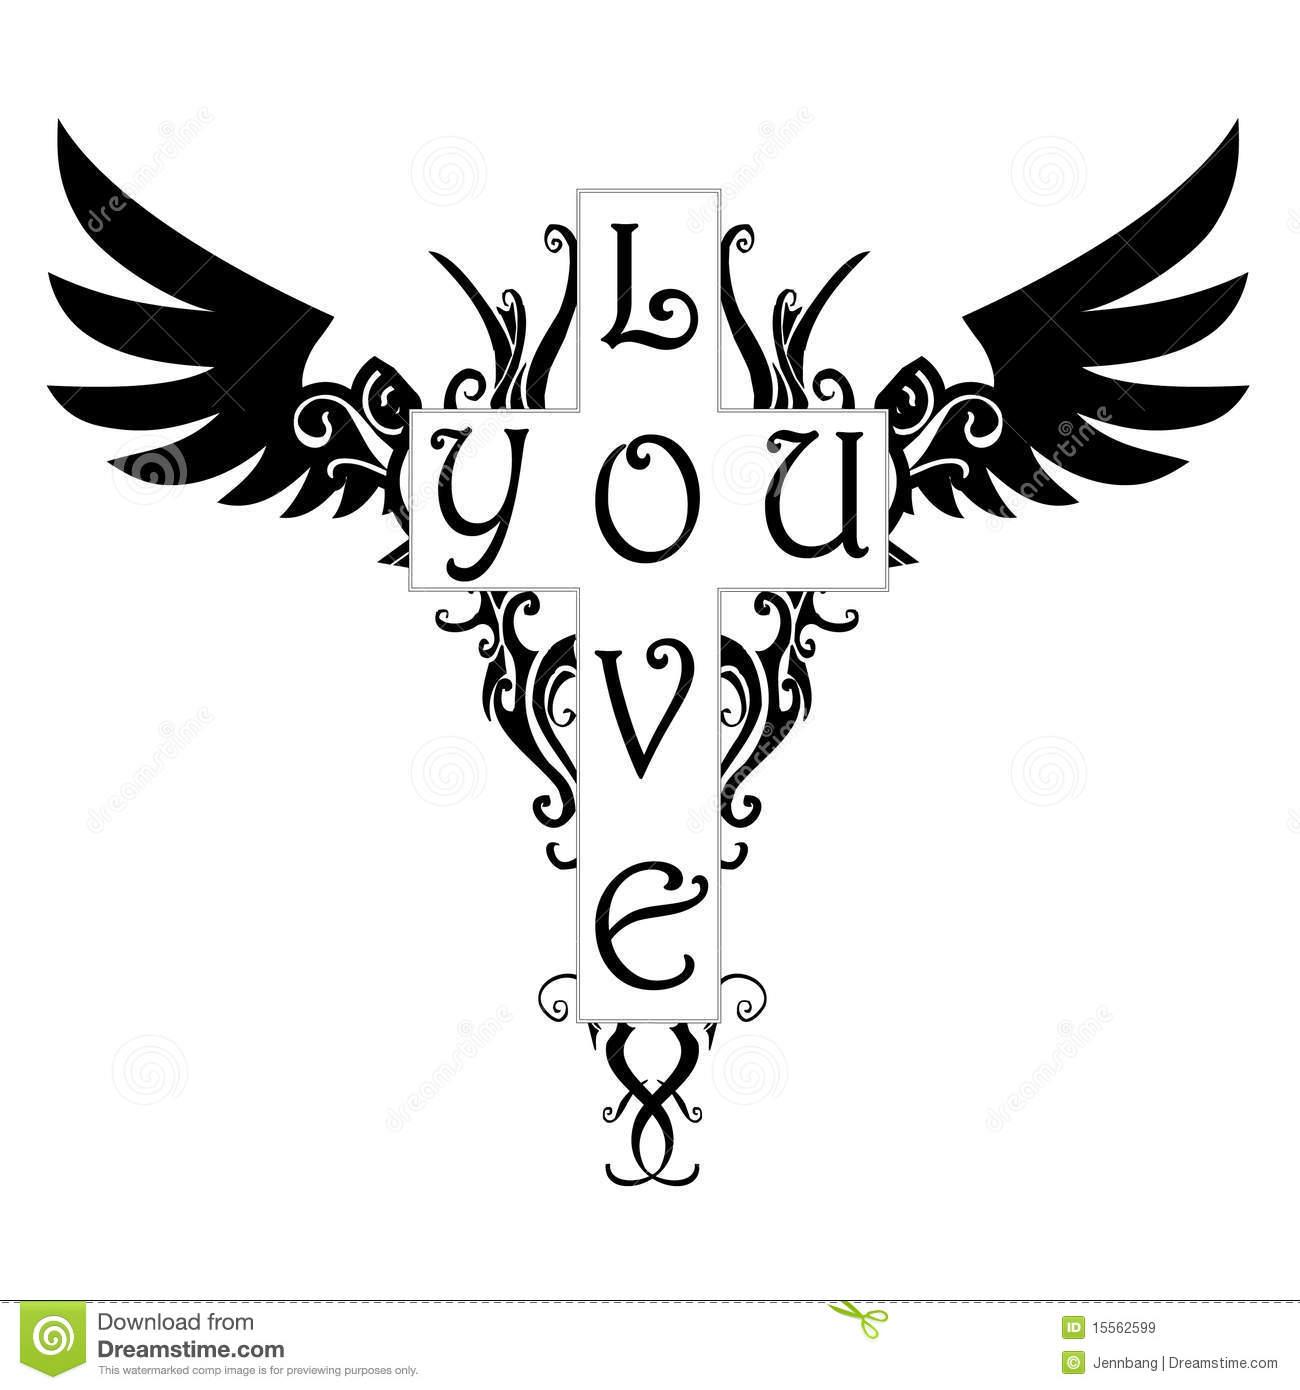 16 Love Tattoo Designs